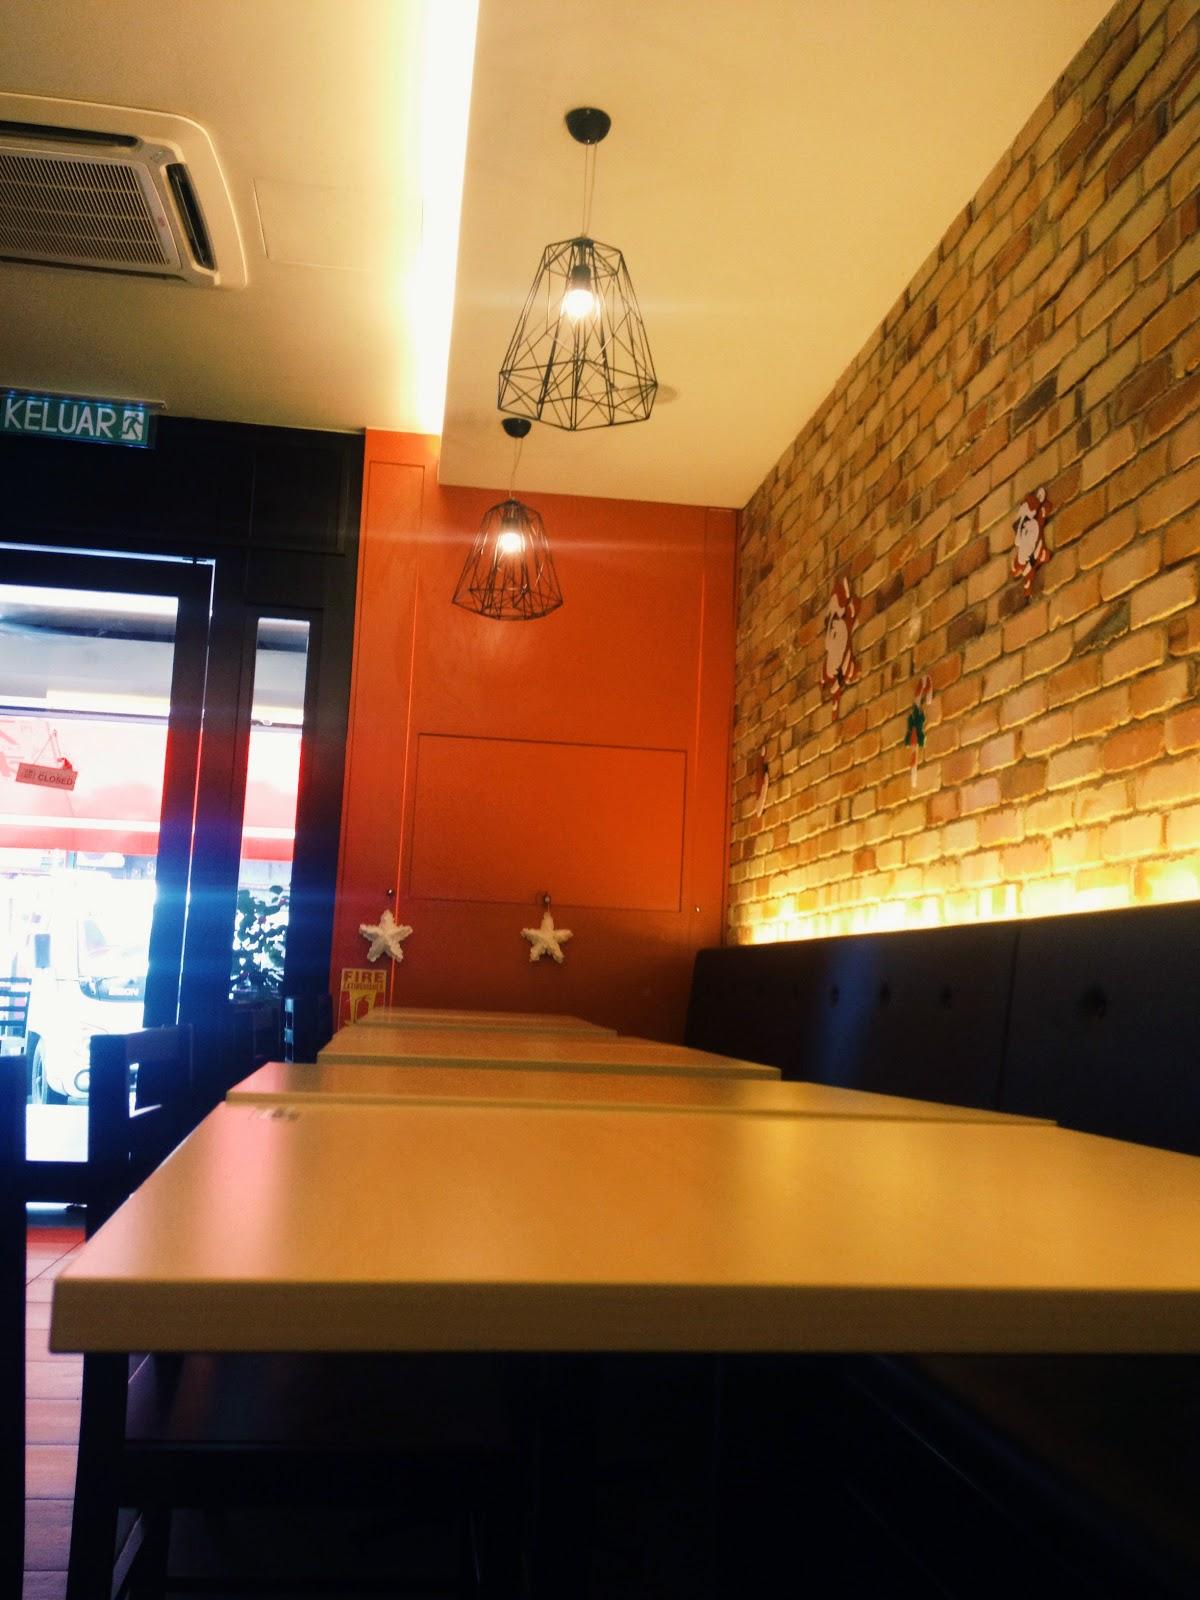 大利來記 Tai Lei Loi Kei 澳門豬扒包 Macau Pork Chop Bun @ Sri Petaling, Malaysia